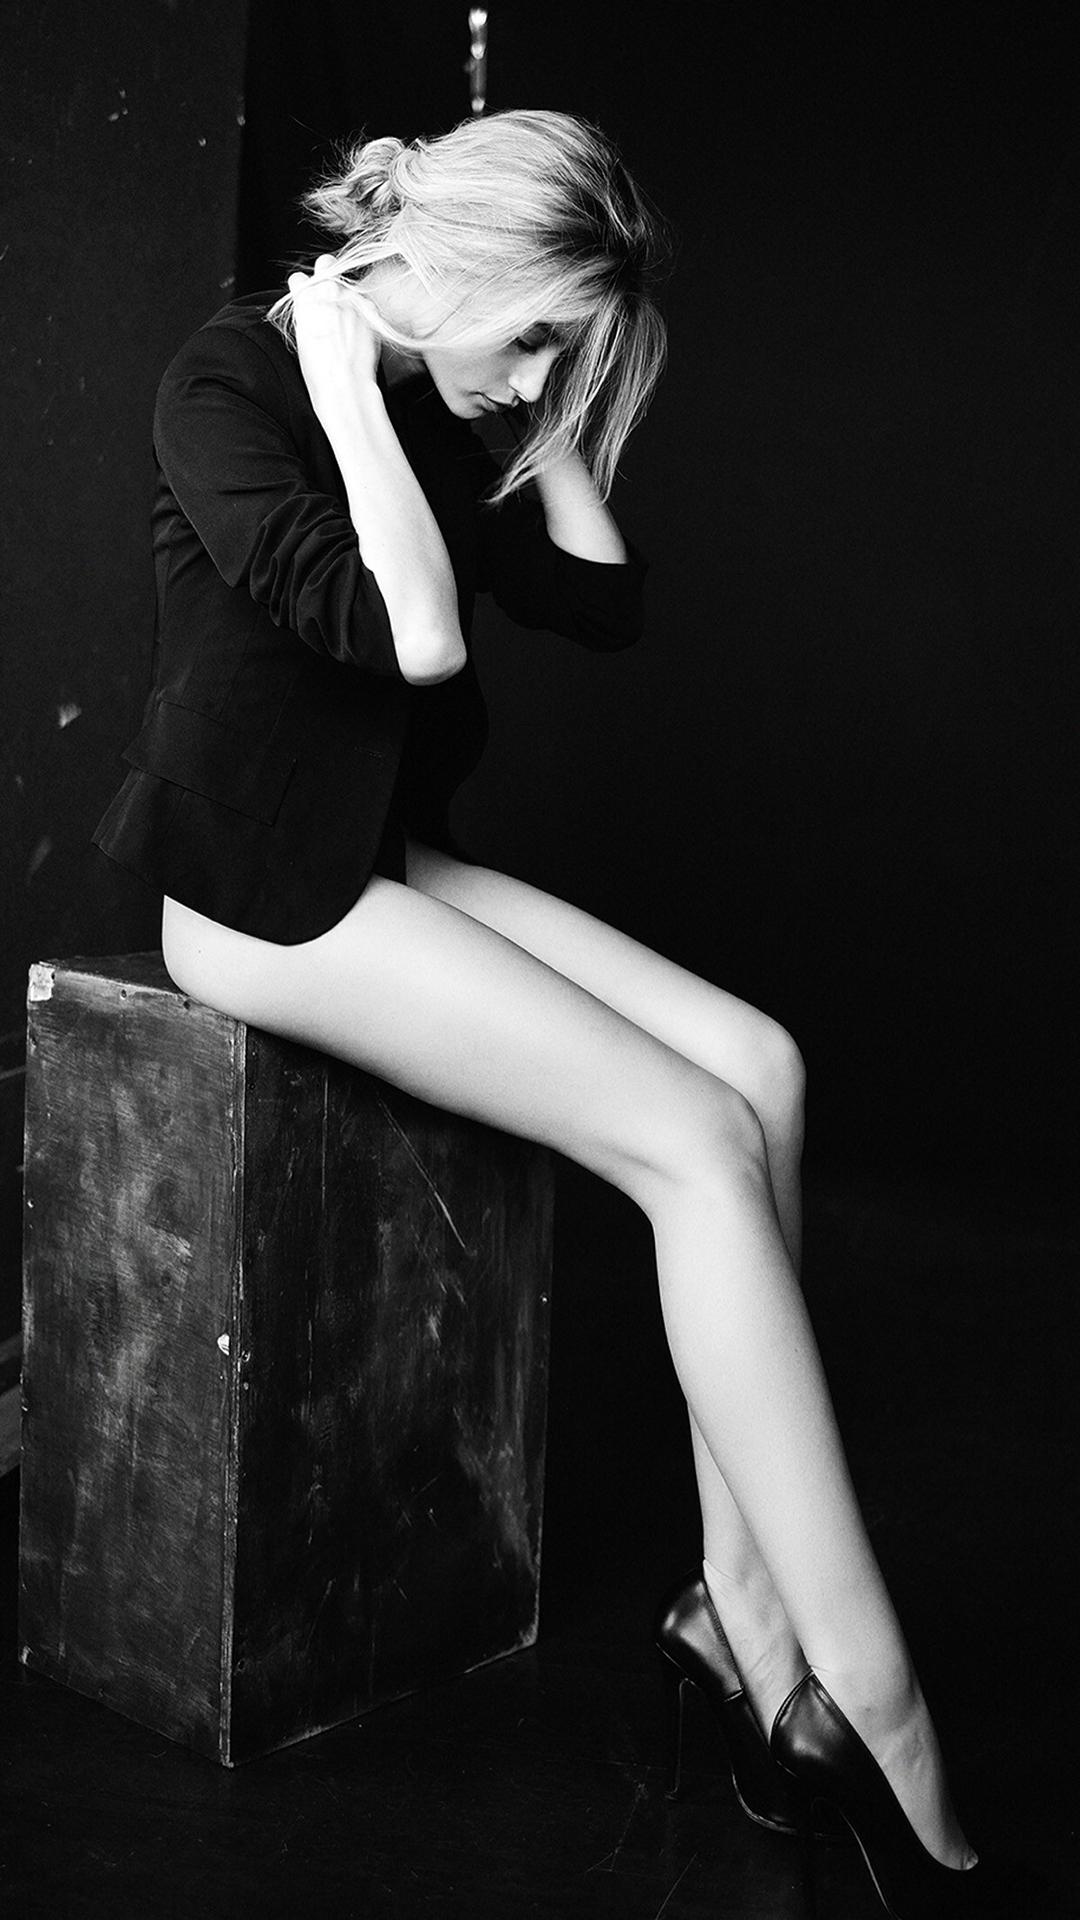 美女 黑白 長腿 歐美 西裝 蘋果手機高清壁紙 1080x